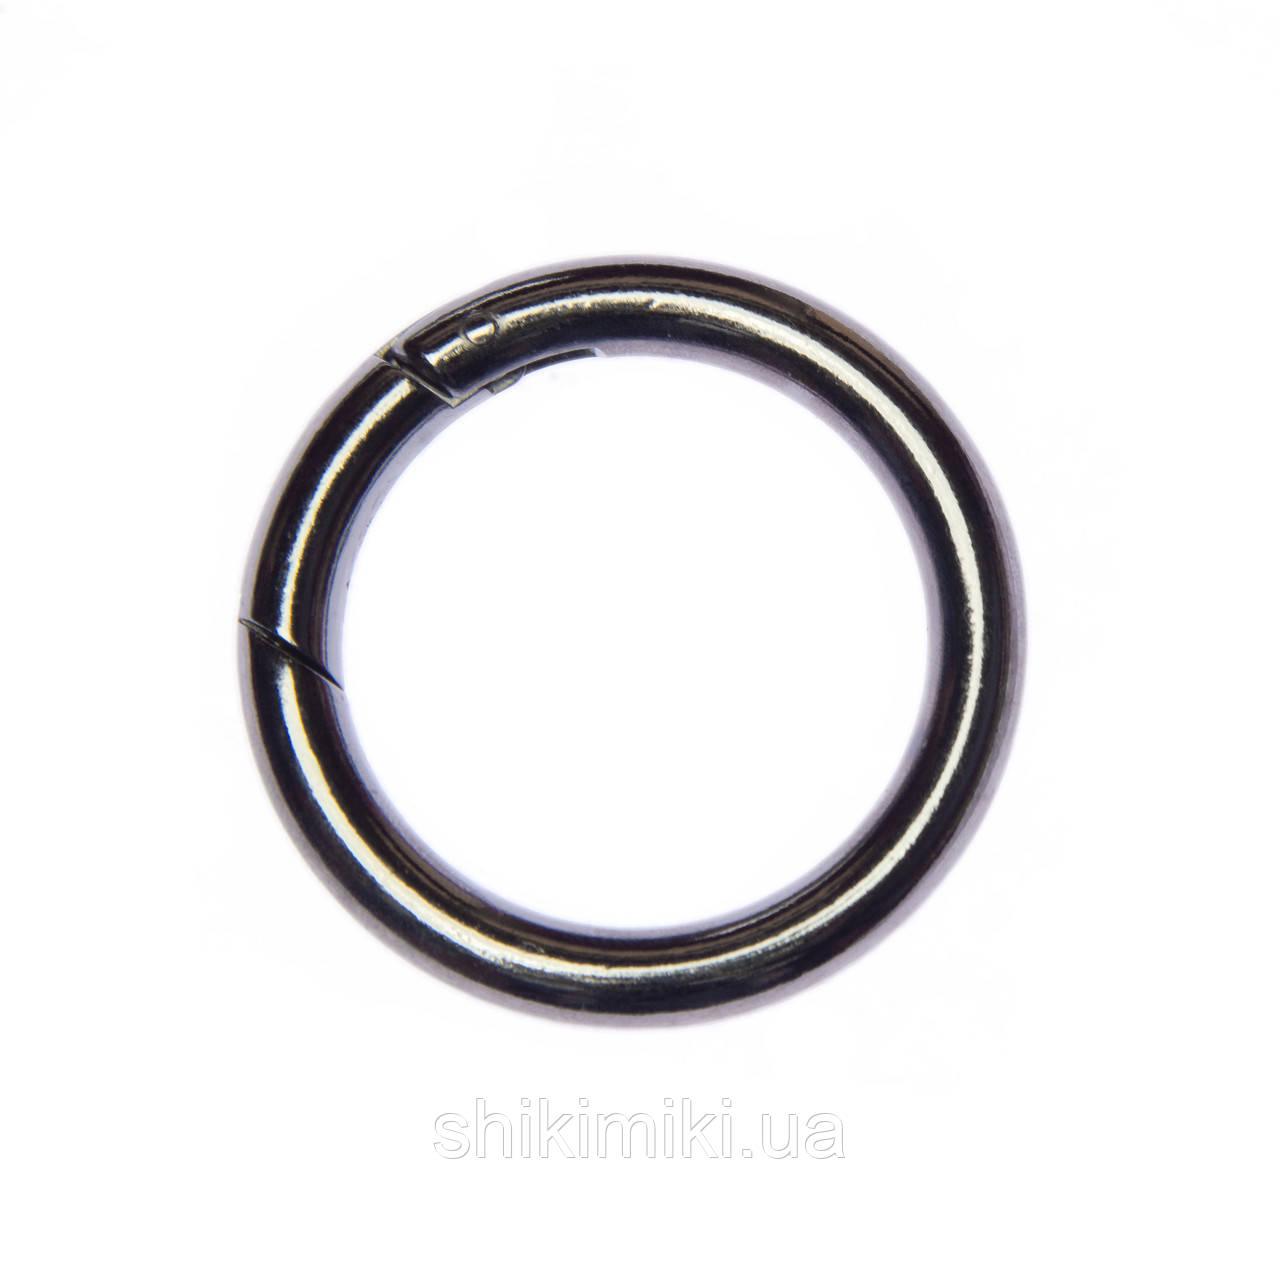 Кольцо-карабин KK05-2 (39 мм), цвет темный никель